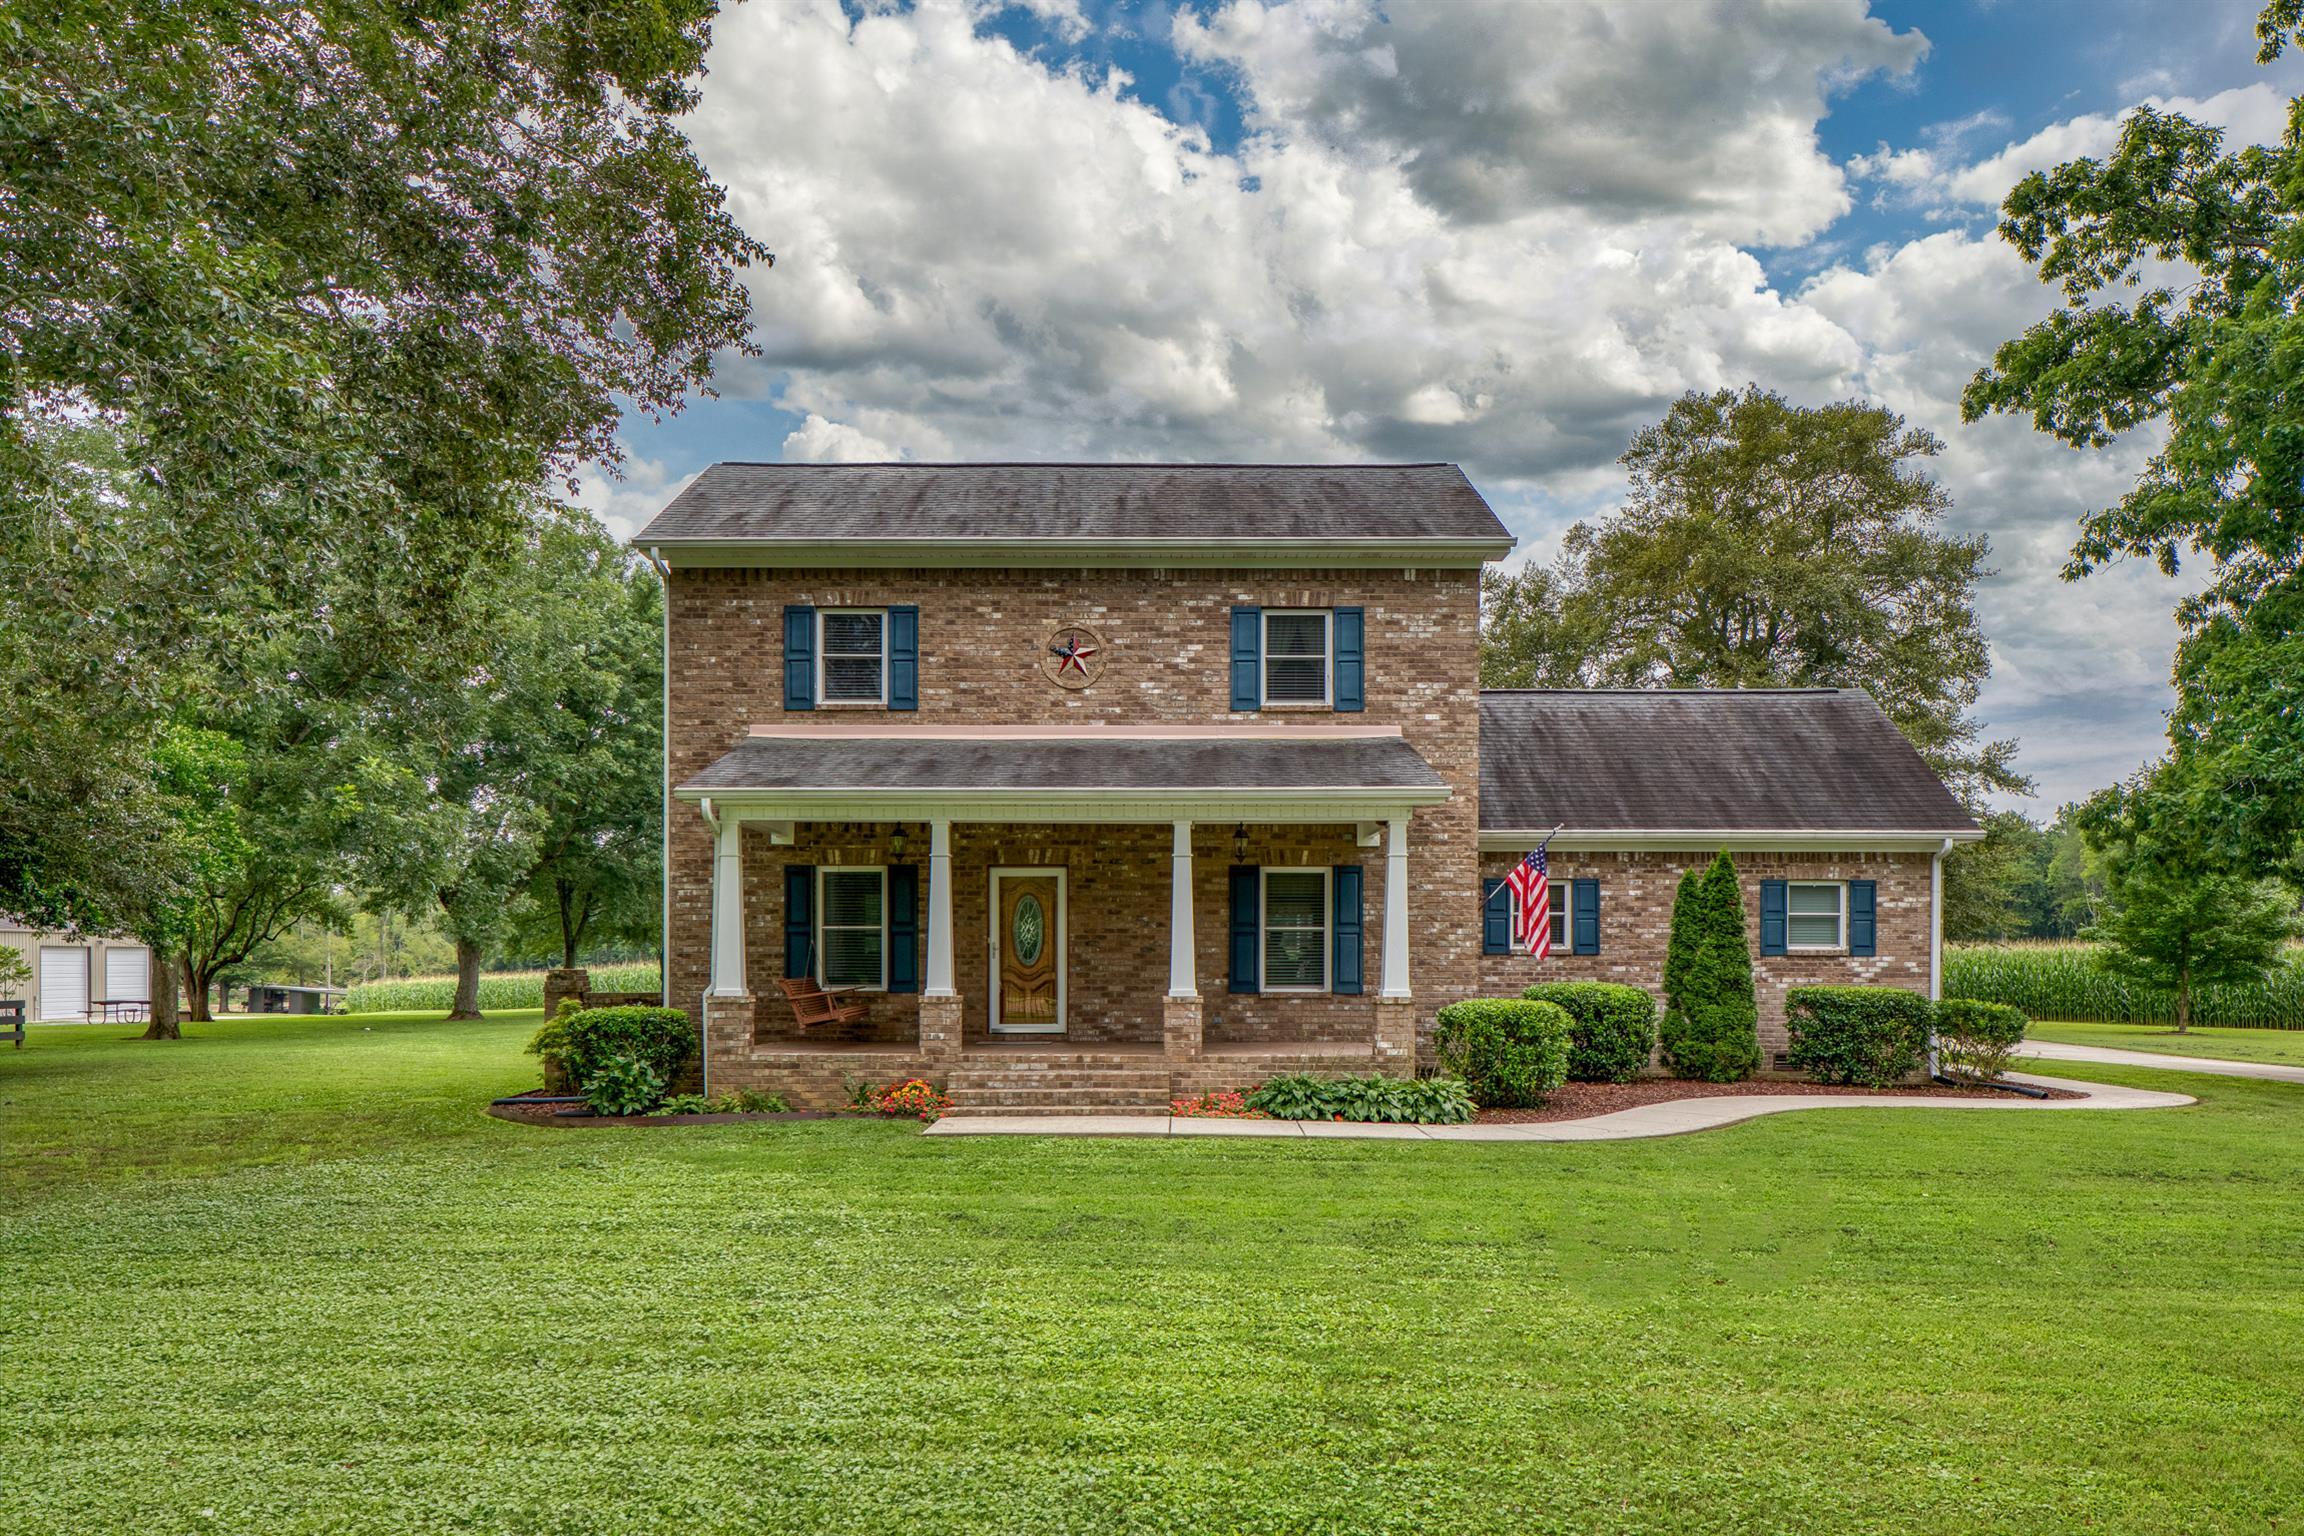 7 M Jones Rd, Fayetteville, TN 37334 - Fayetteville, TN real estate listing